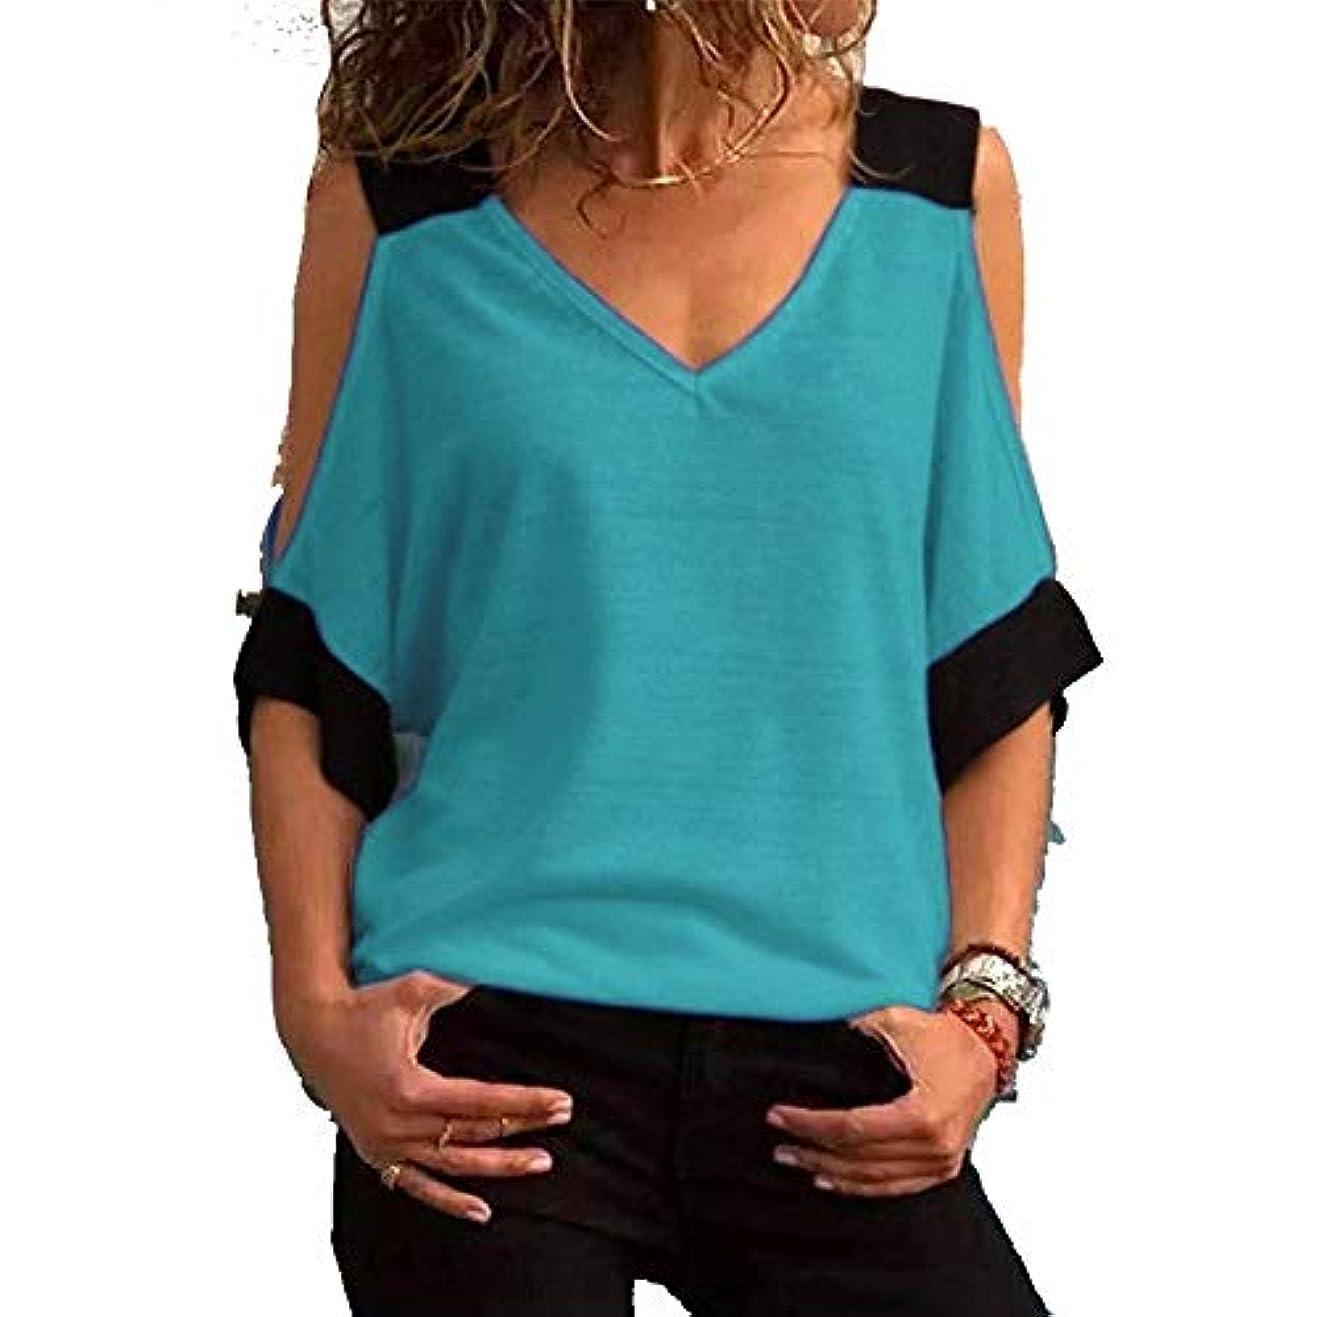 インスタンス教育製造業MIFAN女性ファッションカジュアルトップス女性ショルダーブラウスコットンTシャツディープVネック半袖